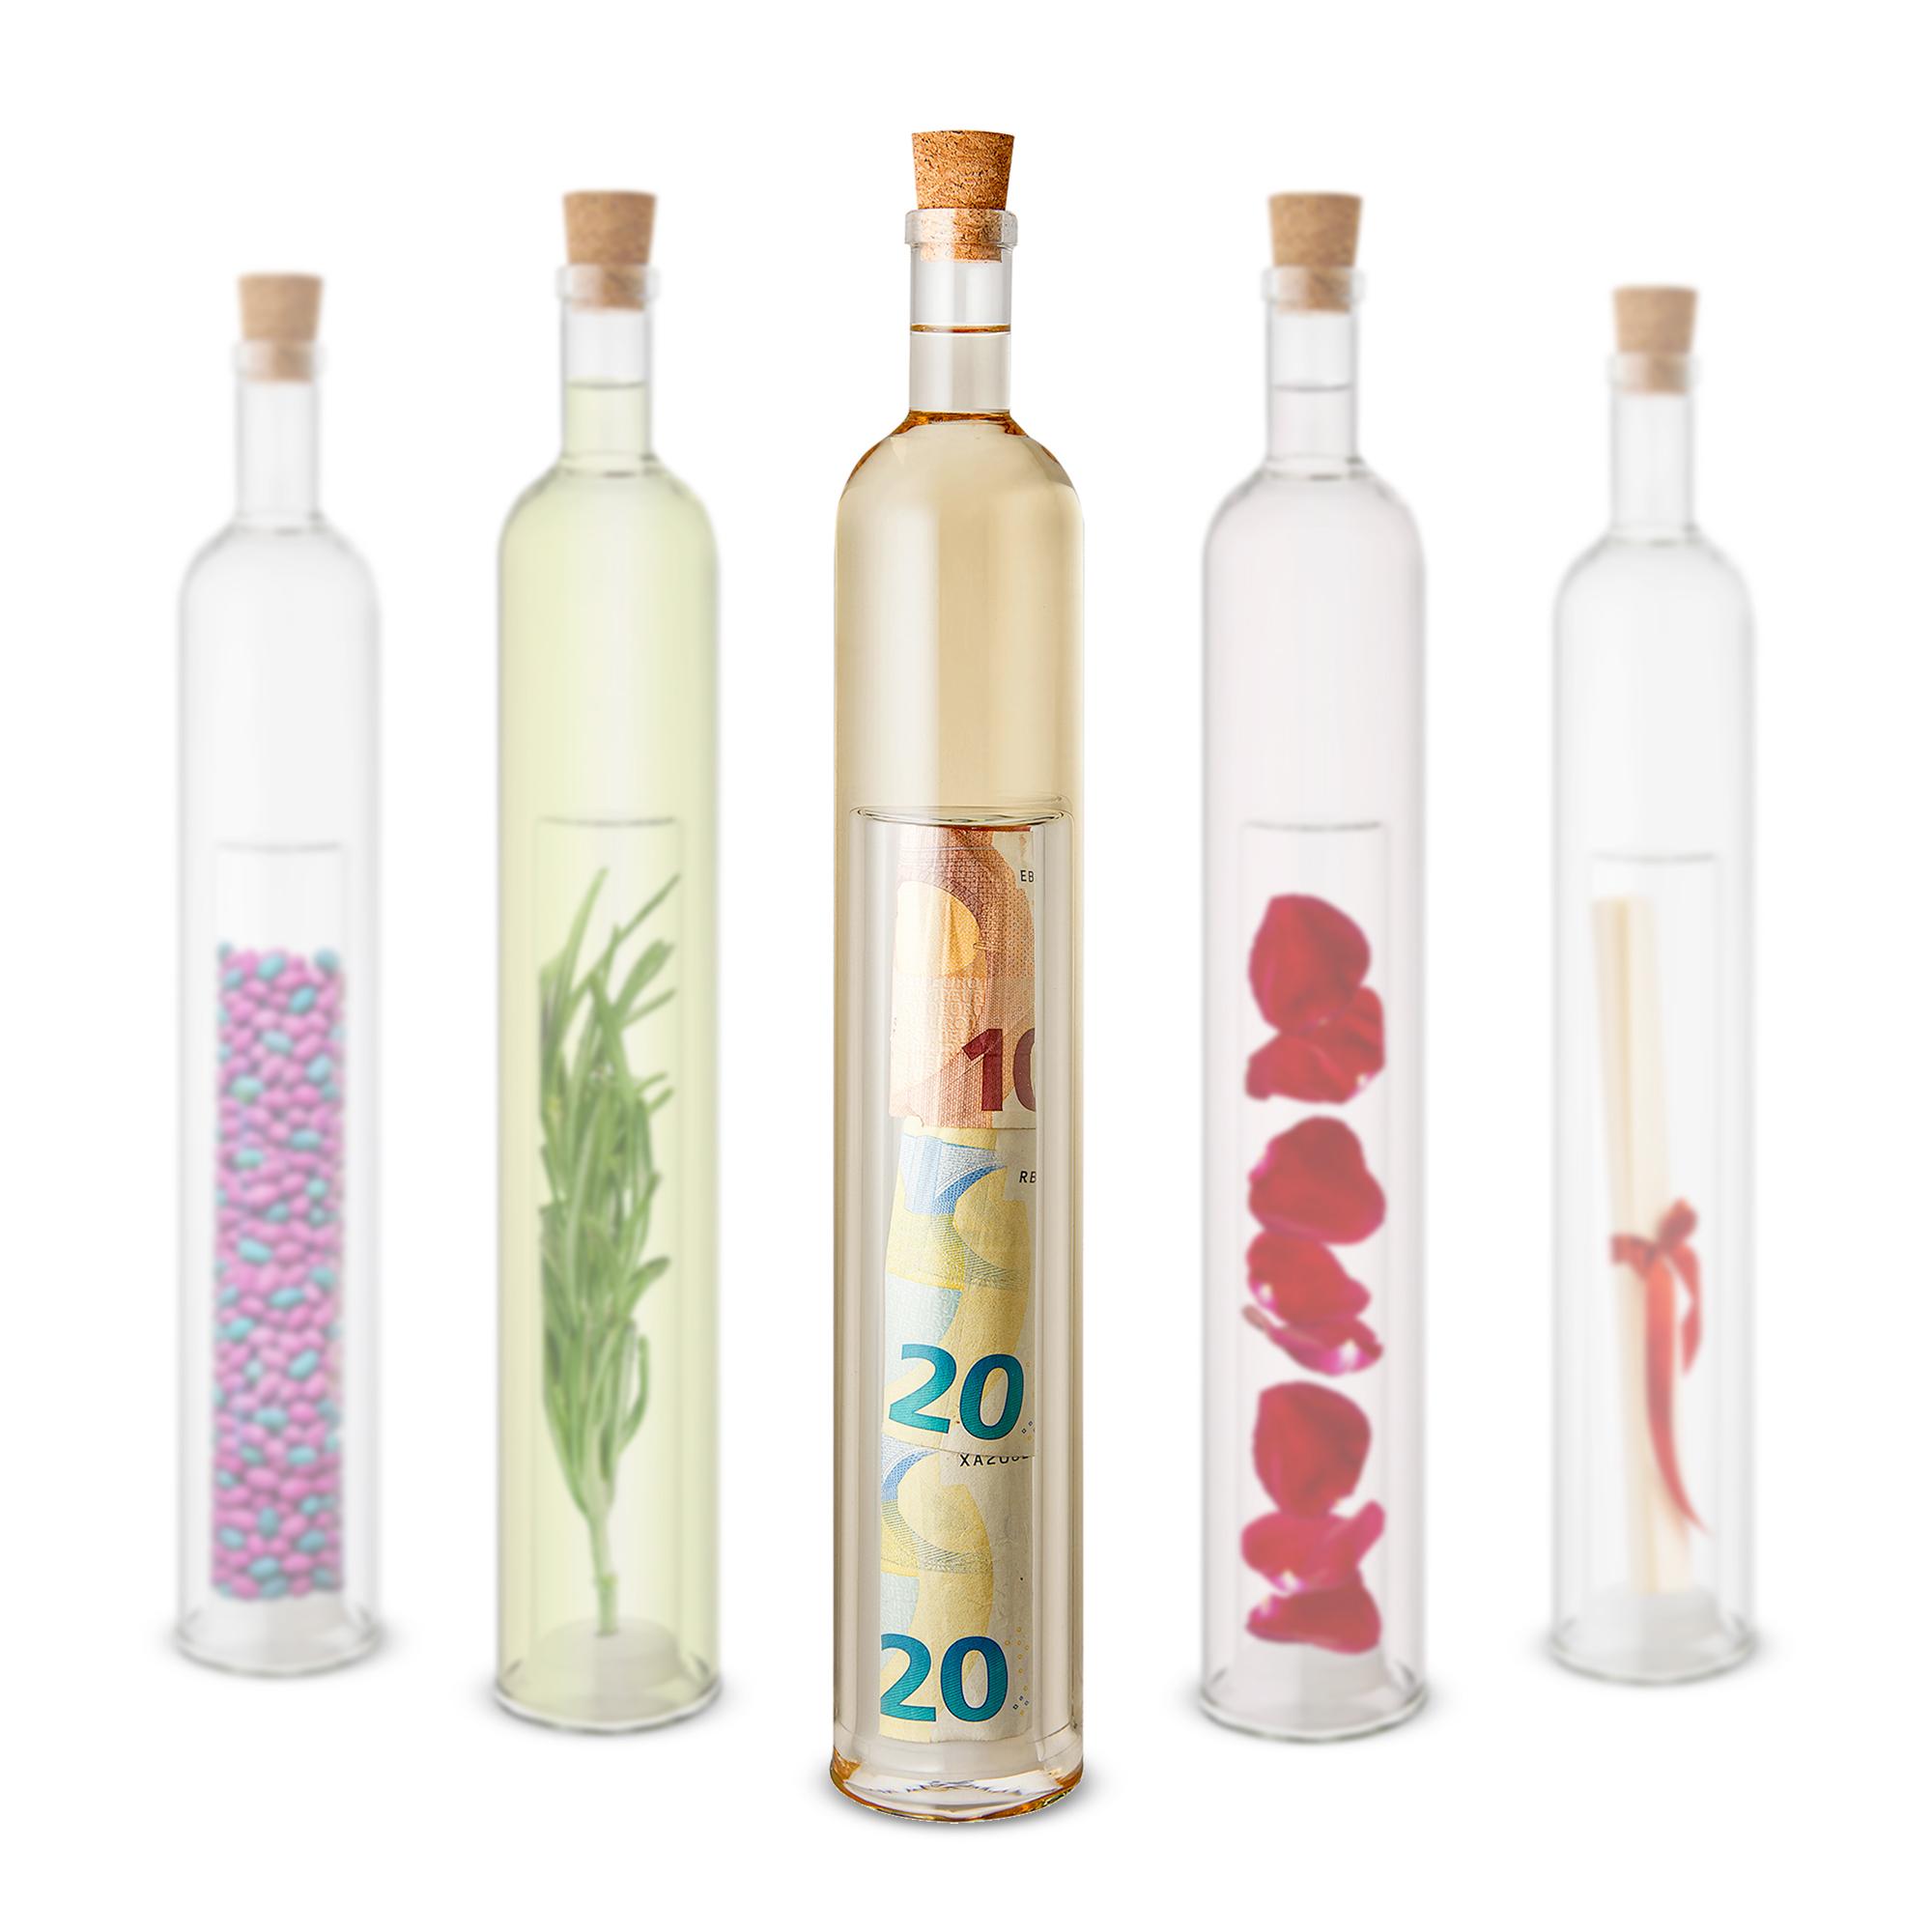 Geschenkflasche mit Hohlraum - 3